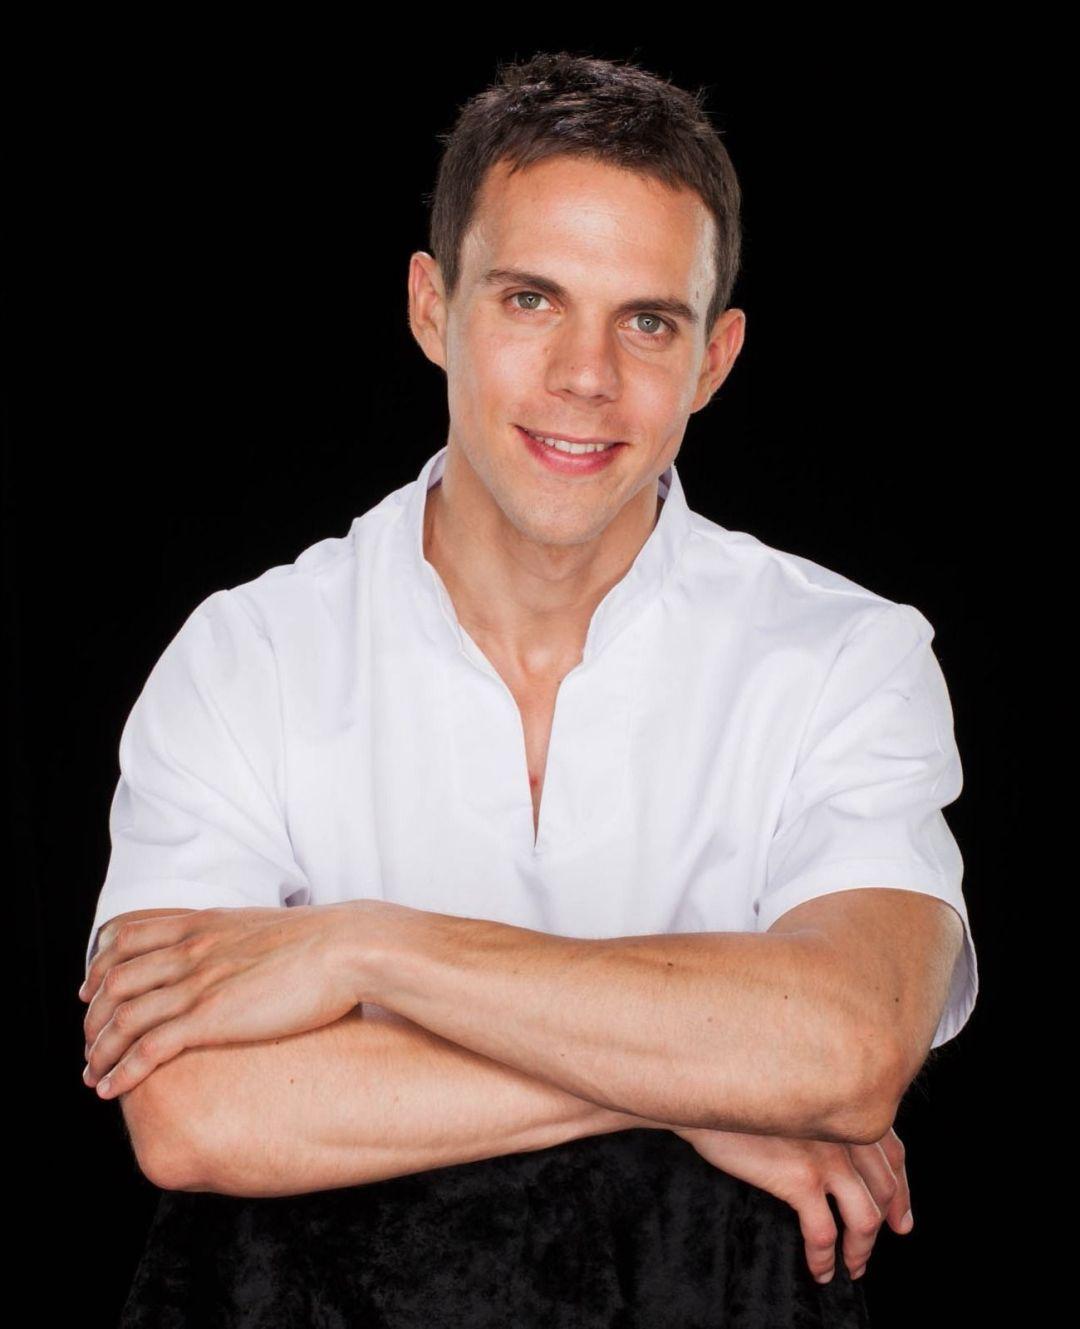 Eduardo Lechuga